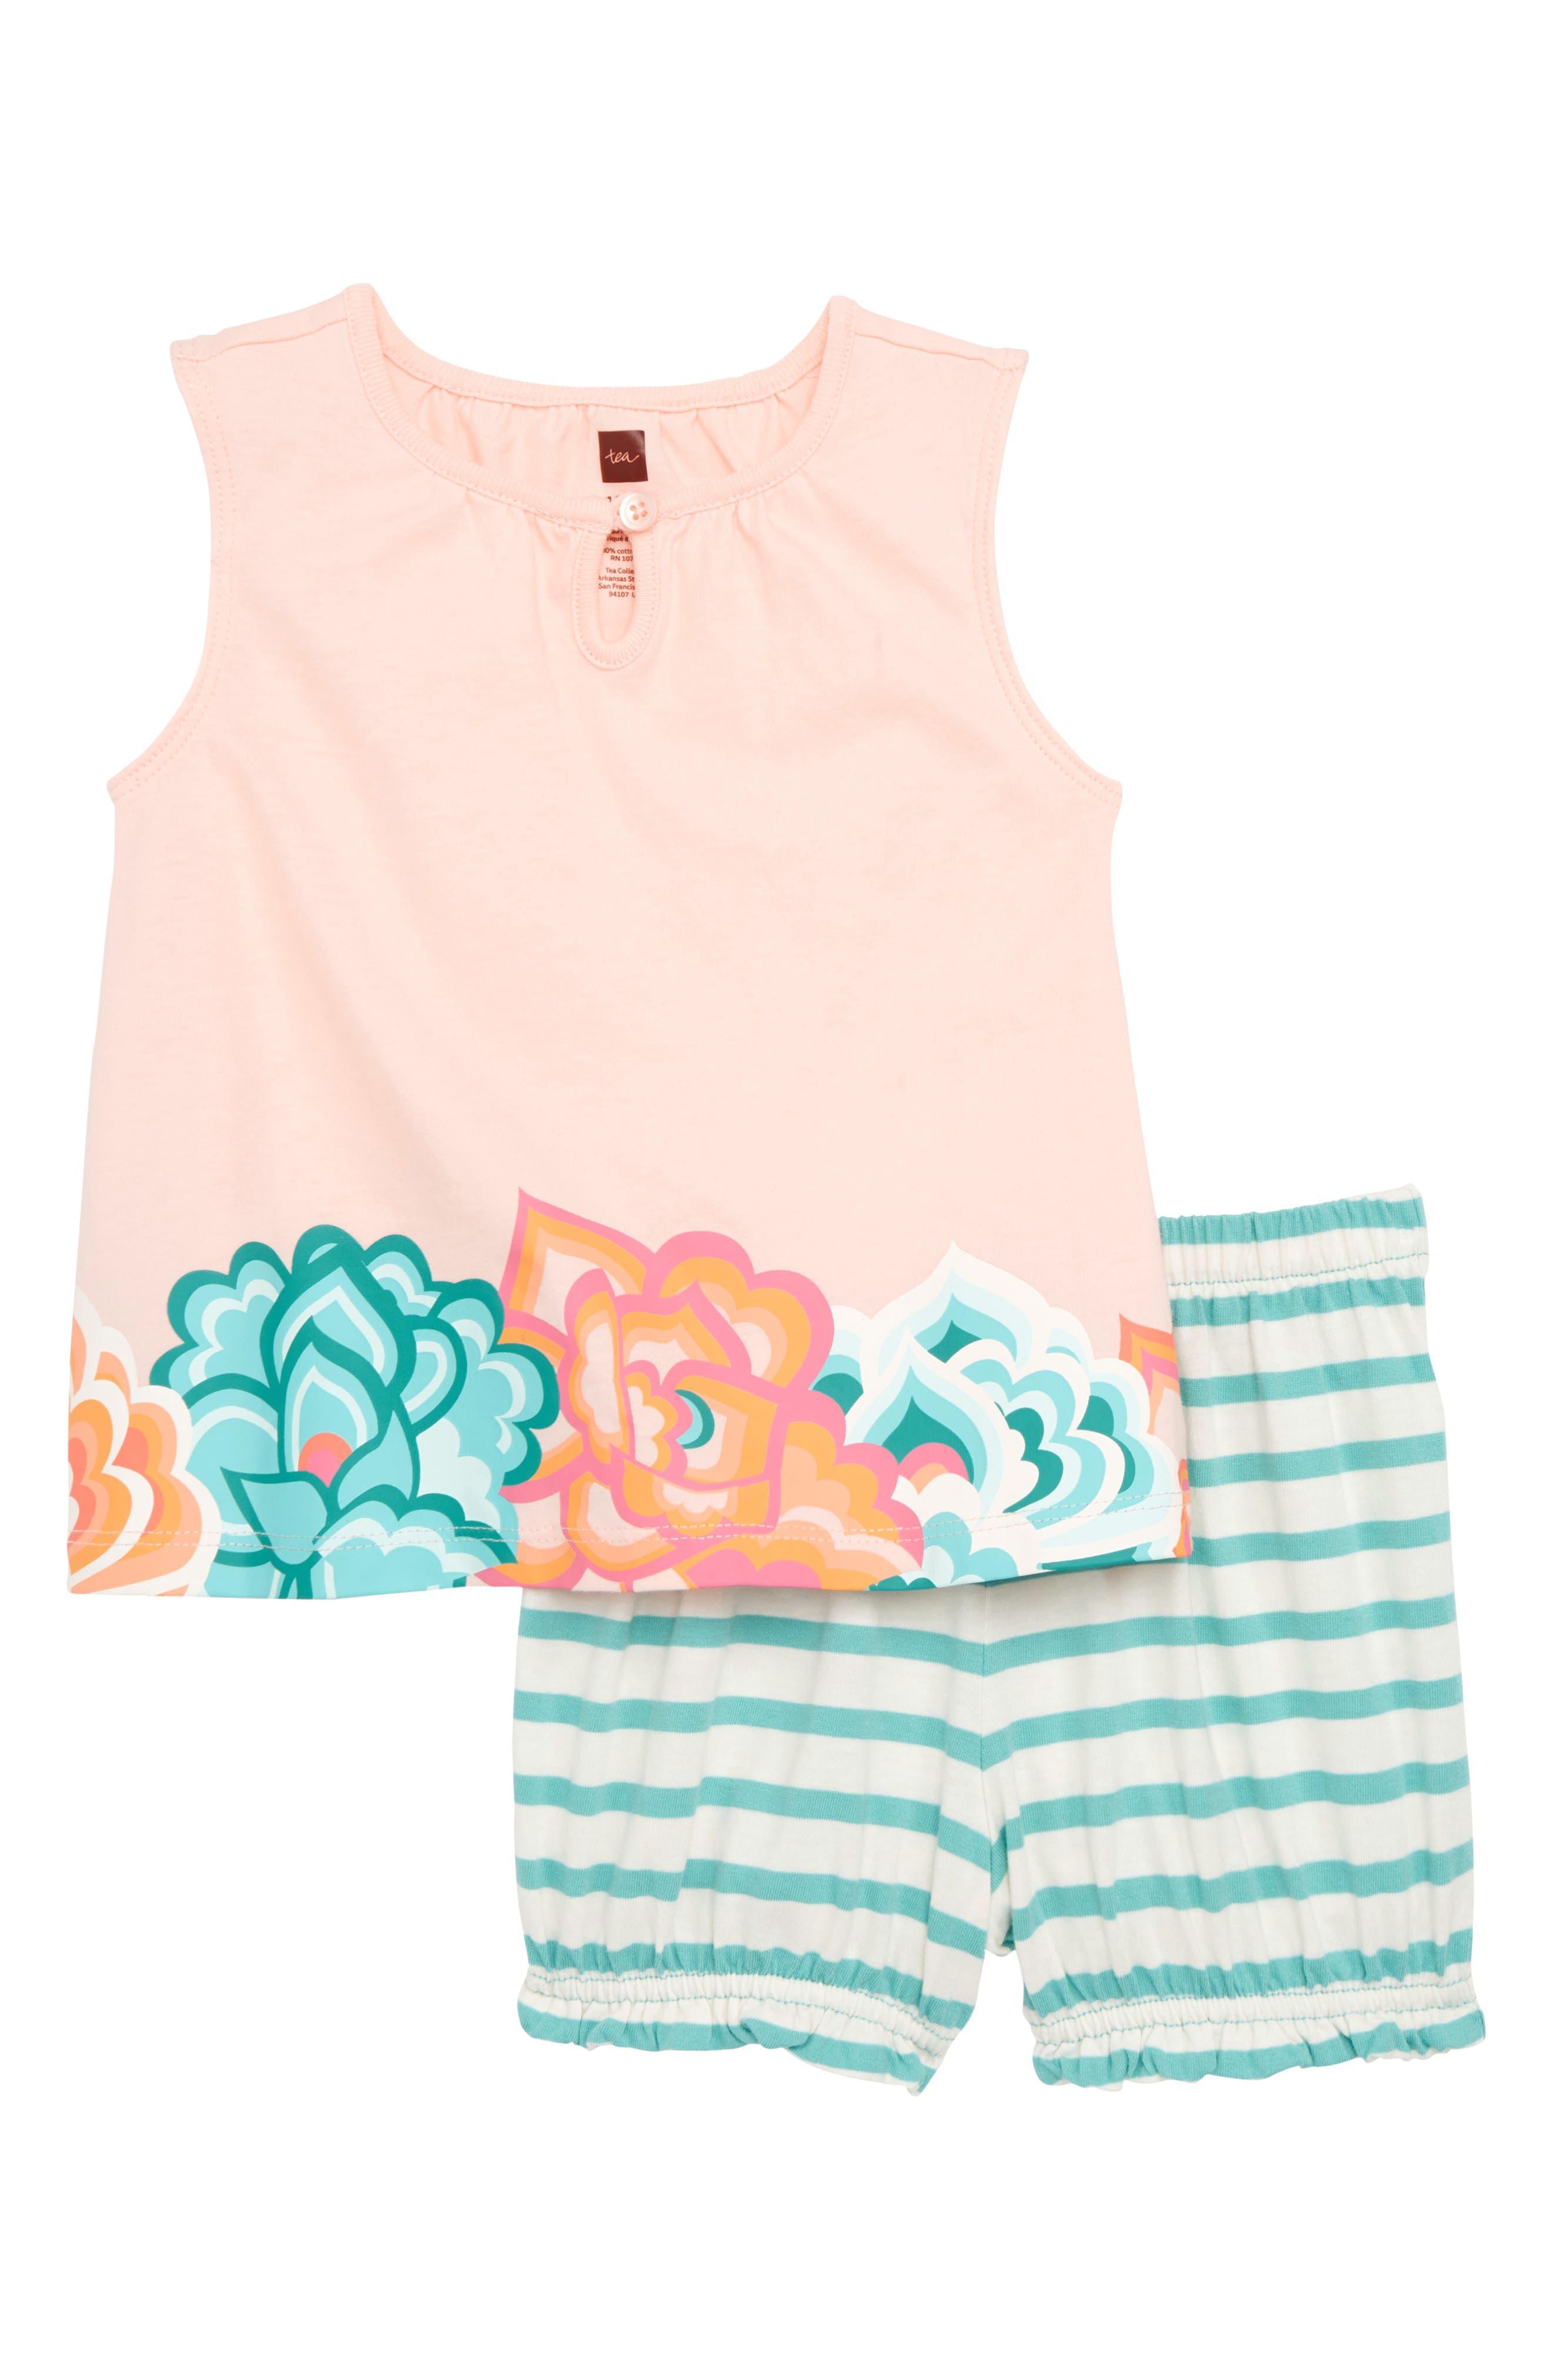 Floral Ruffle Top & Shorts Set,                         Main,                         color, Pink Gloss